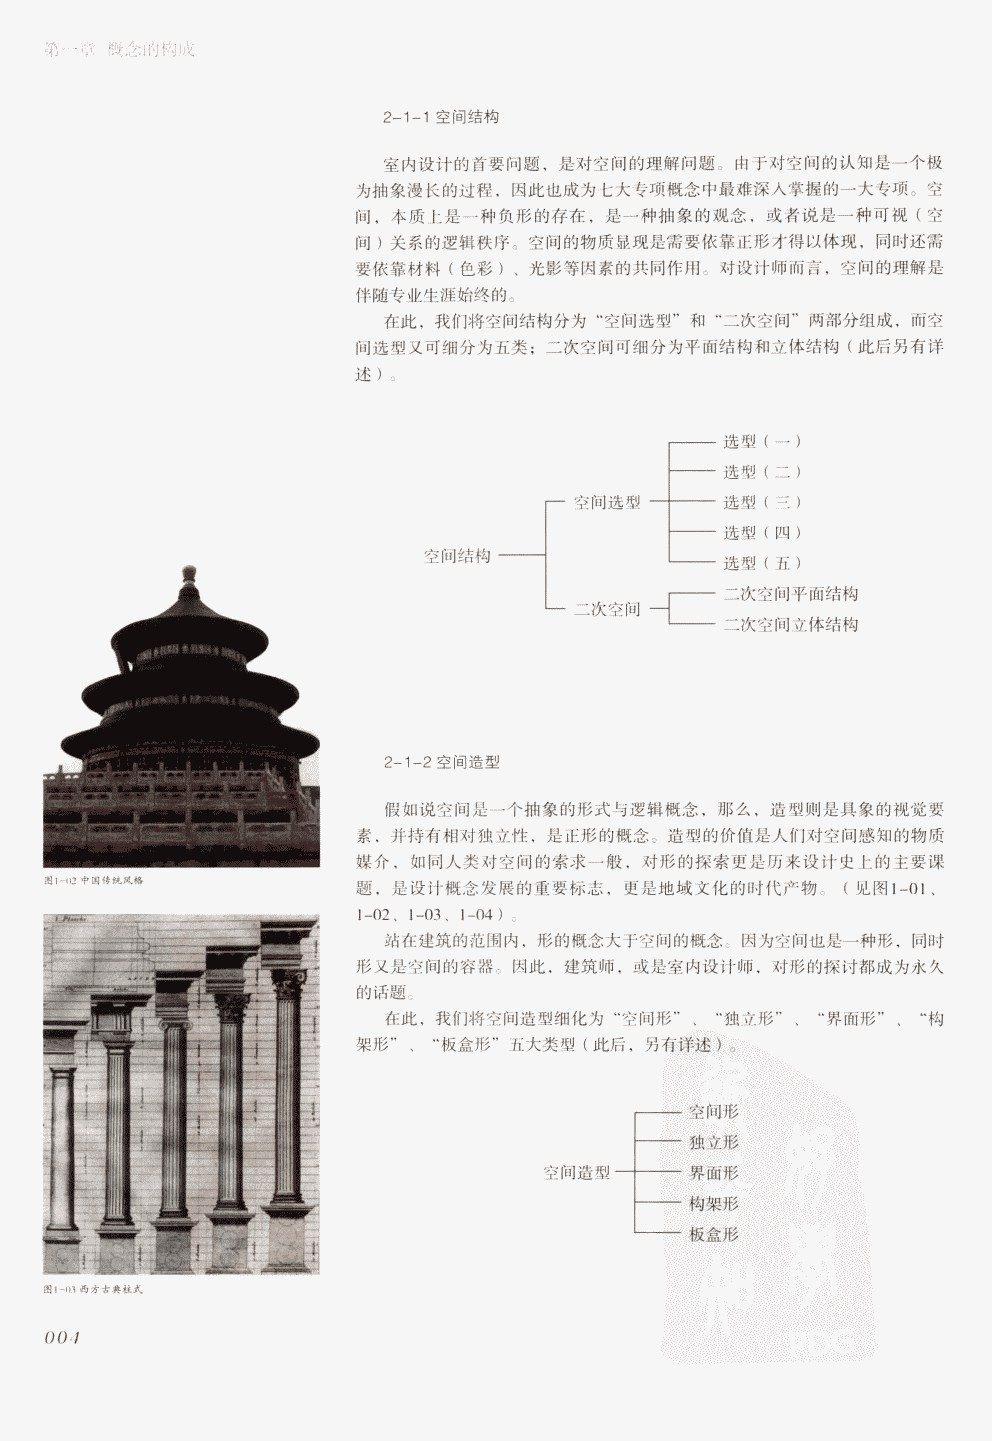 室内设计纲要++概念思考与过程表达_室内设计纲要  概念思考与过程表达_1297982..._页面_012.jpg